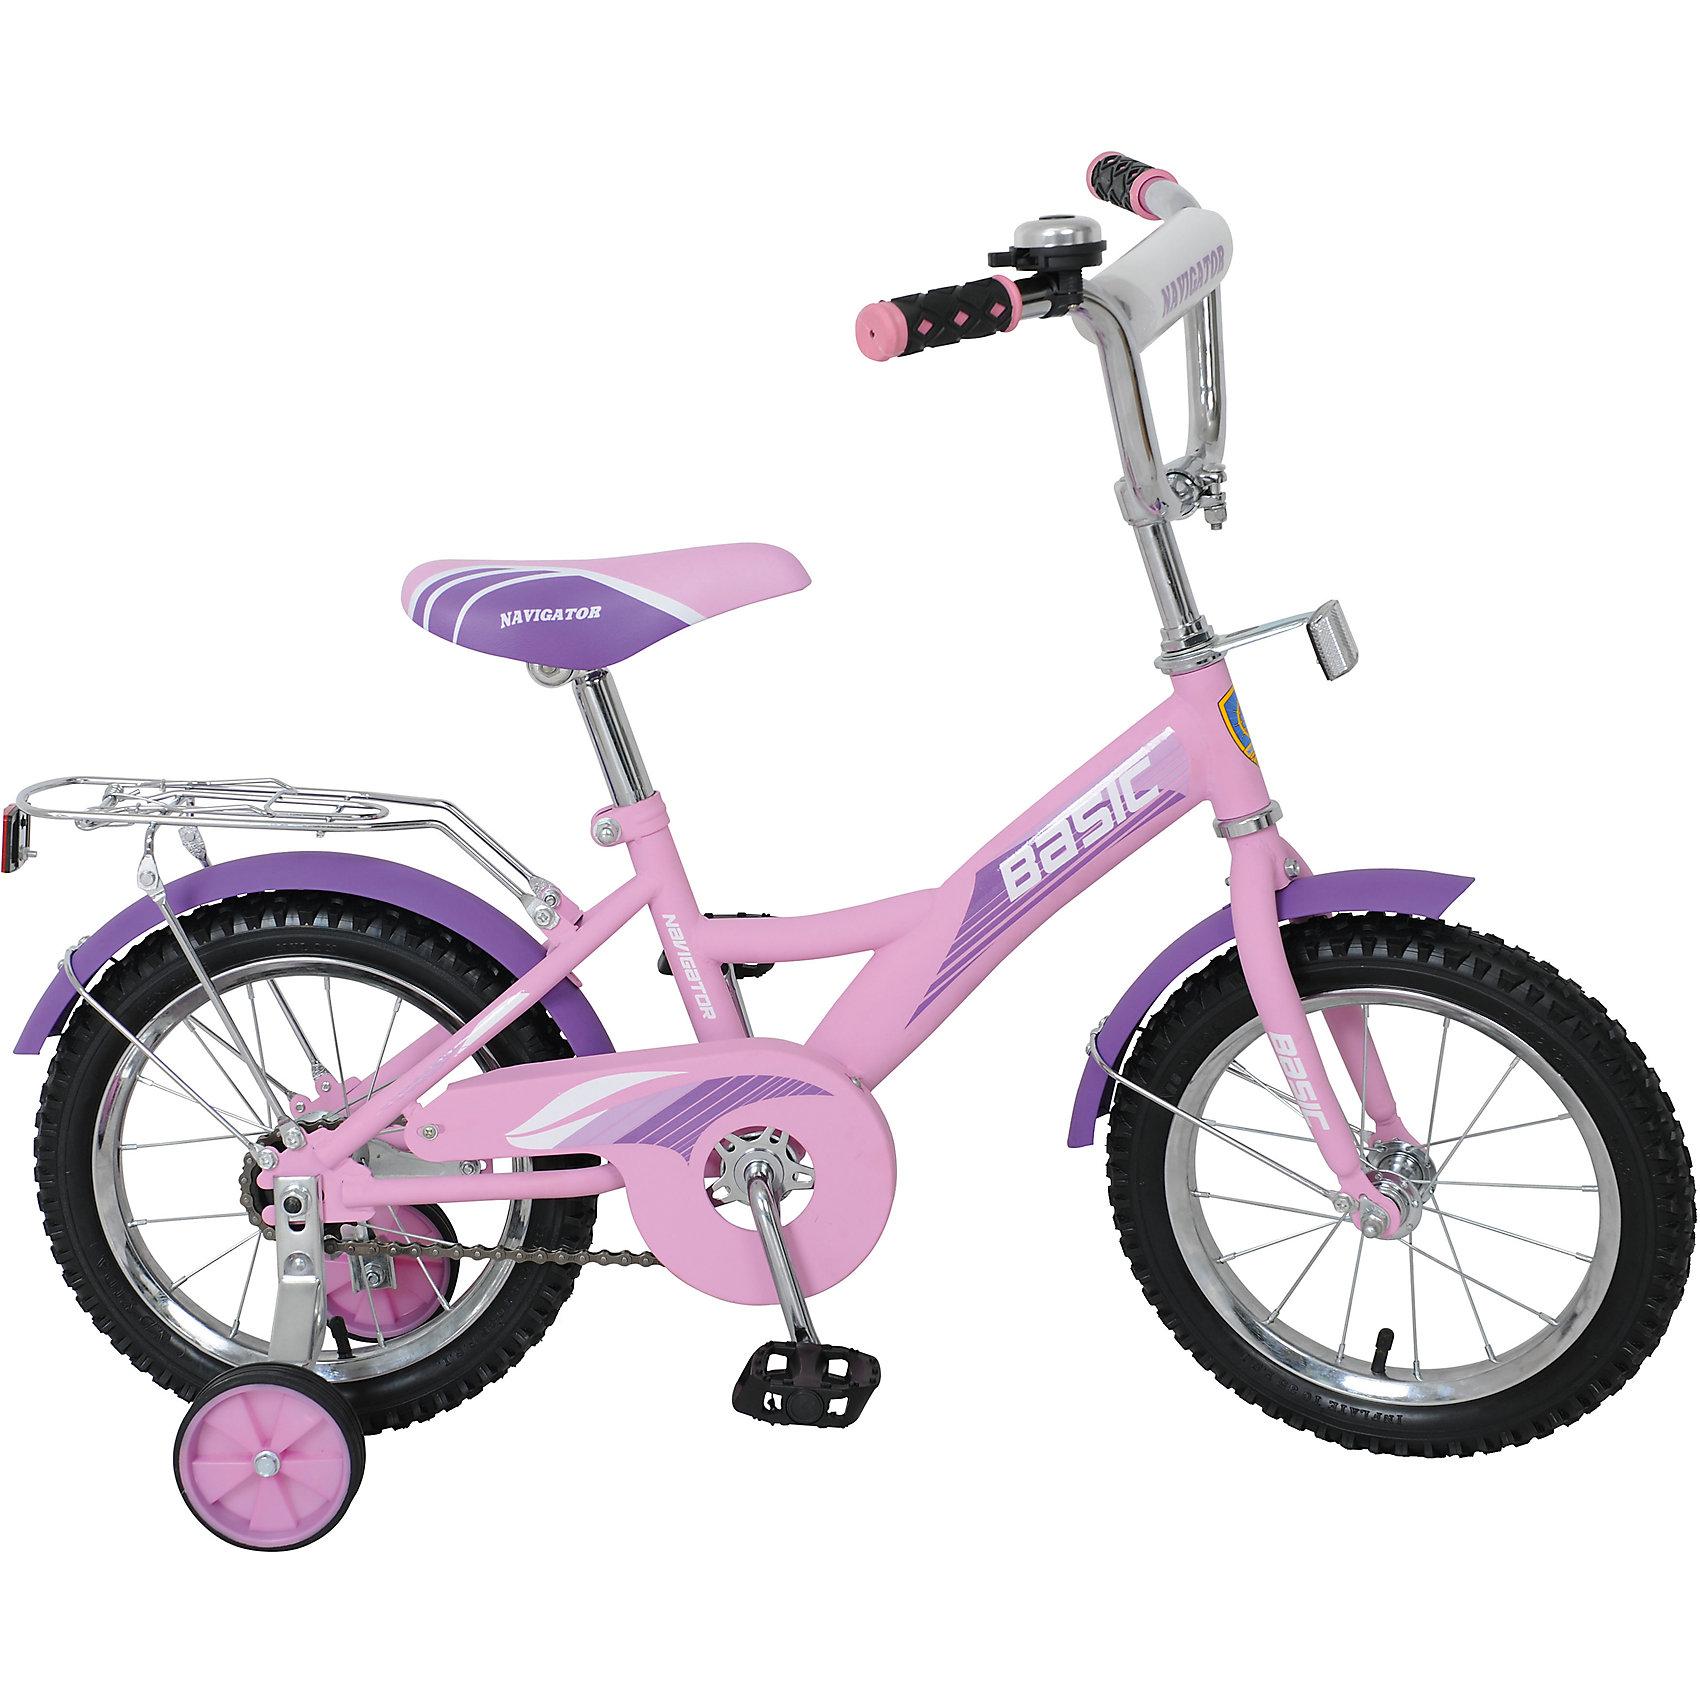 Велосипед Basic, 14 д, Navigator, розово-фиолетовыйВелосипед Basic, розово-фиолетовый, Navigator (Навигатор) – это яркий, стильный, надежный велосипед высокого качества.<br>Детский велосипед Basic KITE-тип, обладает яркой расцветкой и стильными формами. продуманная конструкция сводит к минимуму риск получить травму. Рама велосипеда выполнена из высокопрочного металла. Покрытие рамы устойчиво к царапинам. Высота руля и сиденья легко регулируется в соответствии с возрастом и ростом ребенка. Мягкая накладка на руле обеспечит небольшое смягчение при падении на руль. Колеса оснащены резиновыми шинами, которые хорошо удерживают воздух. Велосипед имеет дополнительные широкие страховочные колеса, защиту цепи, стальные обода для защиты от брызг, удобное сиденье эргономичной формы, звонок, задний багажник. На ручках руля нескользящие накладки. Катание на велосипеде поможет ребенку укрепить опорно-двигательную и сердечнососудистую системы.<br><br>Дополнительная информация:<br><br>- Возрастная категория: 4 -6 лет<br>- Подходит для детей ростом 95 - 115 см.<br>- Диаметр колёс: 14 дюймов<br>- Односоставной шатун<br>- Ножной тормоз<br>- Материал рамы: сталь<br>- Вес в упаковке: 9,9 кг.<br><br>Велосипед Basic, розово-фиолетовый, Navigator (Навигатор) можно купить в нашем интернет-магазине.<br><br>Ширина мм: 800<br>Глубина мм: 360<br>Высота мм: 170<br>Вес г: 9800<br>Возраст от месяцев: 48<br>Возраст до месяцев: 84<br>Пол: Женский<br>Возраст: Детский<br>SKU: 5433213